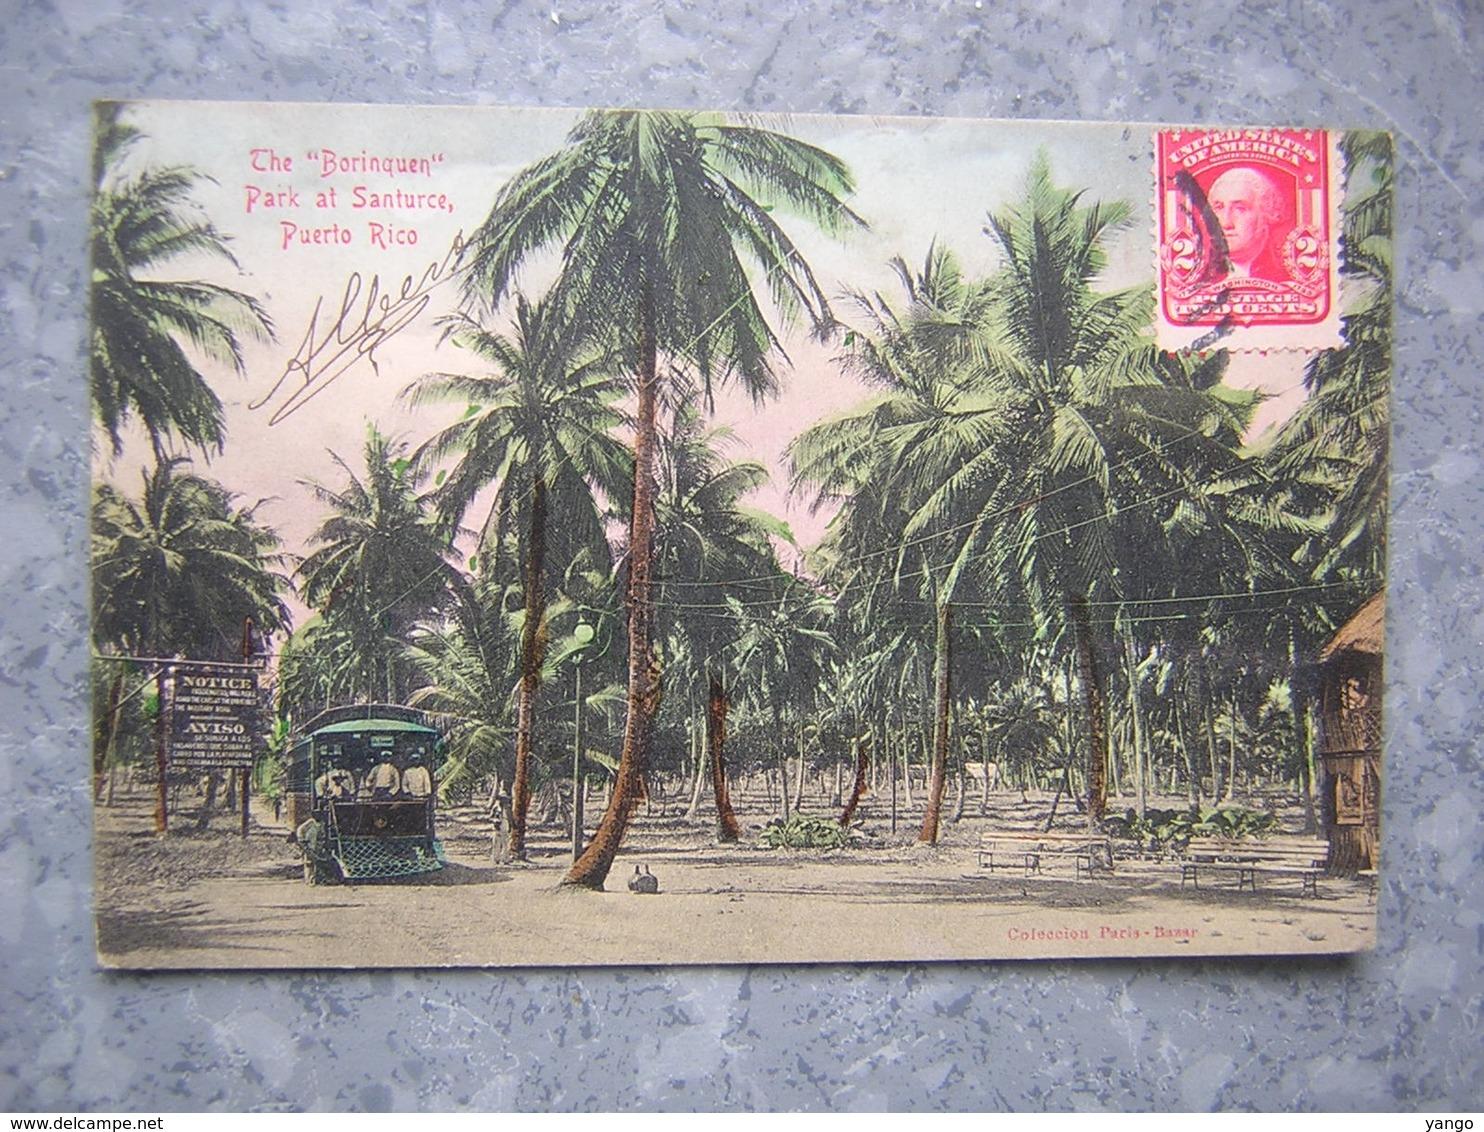 PUERTO RICO - THE BORINQUEN - PARC AT SANTURCE - Puerto Rico